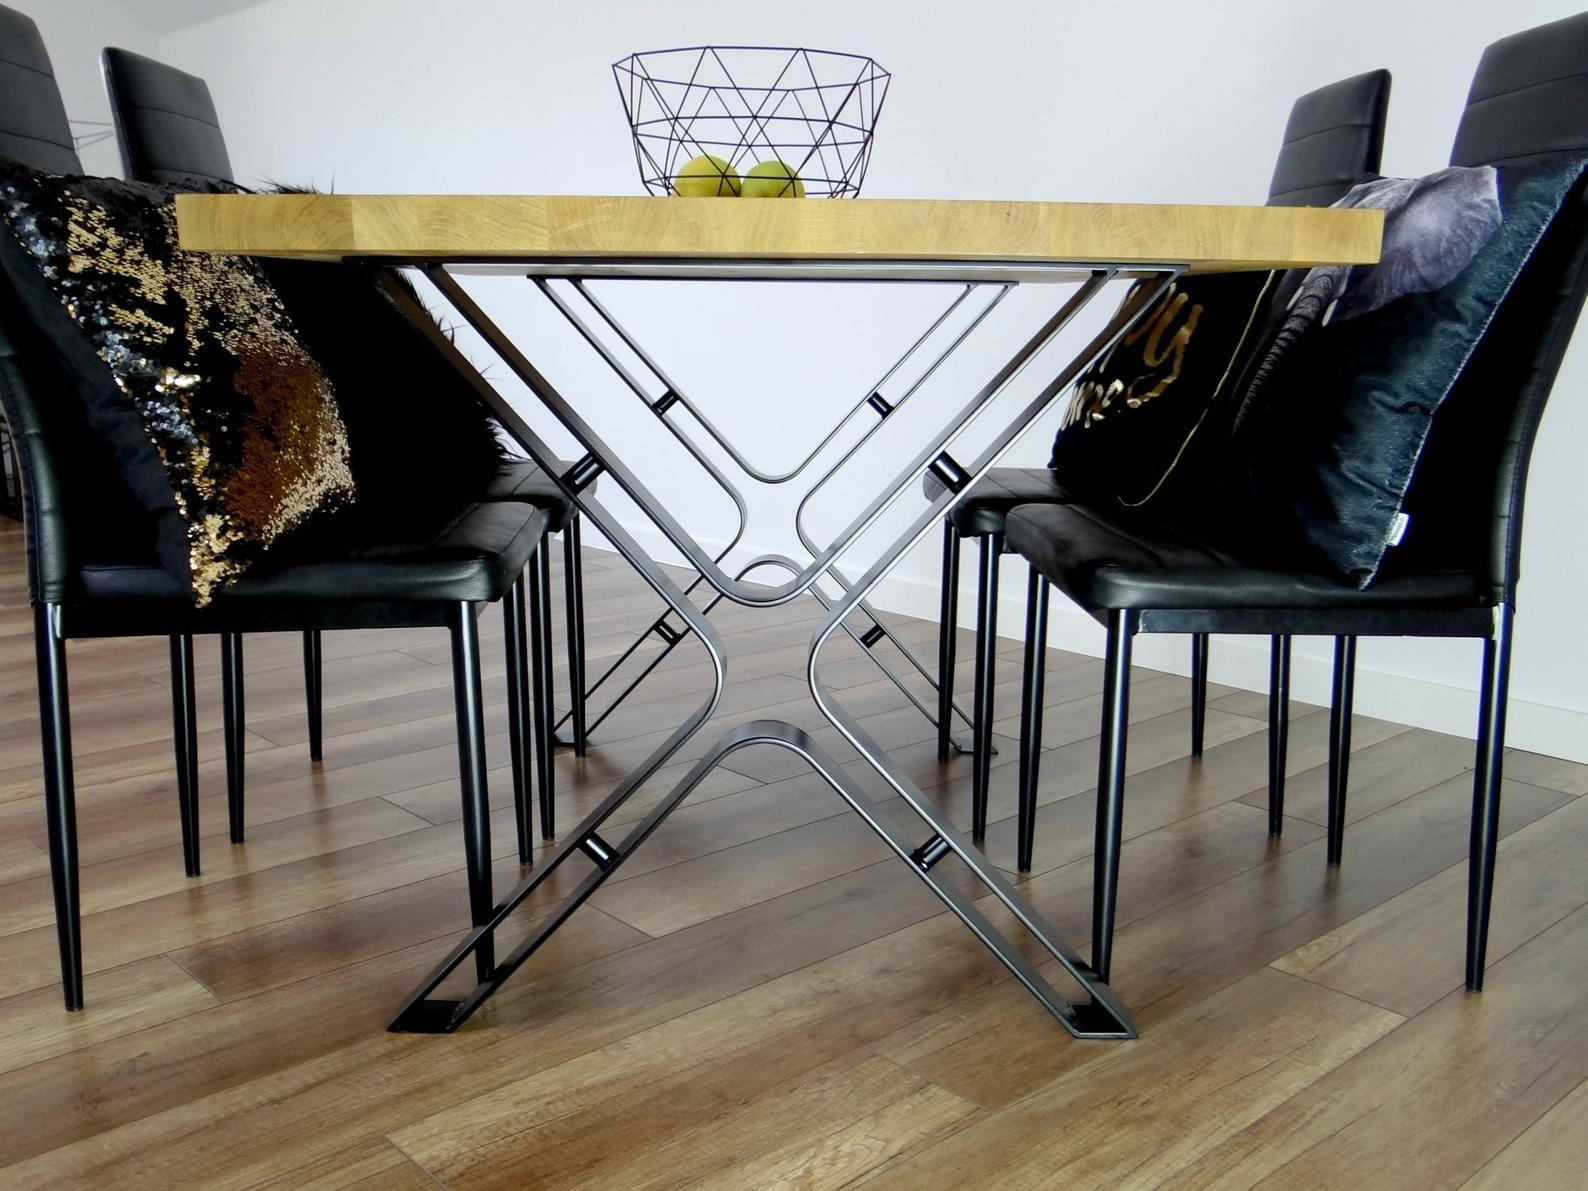 Metal Dining Table Legs Set Of 2 Steel Table Legs Industrial